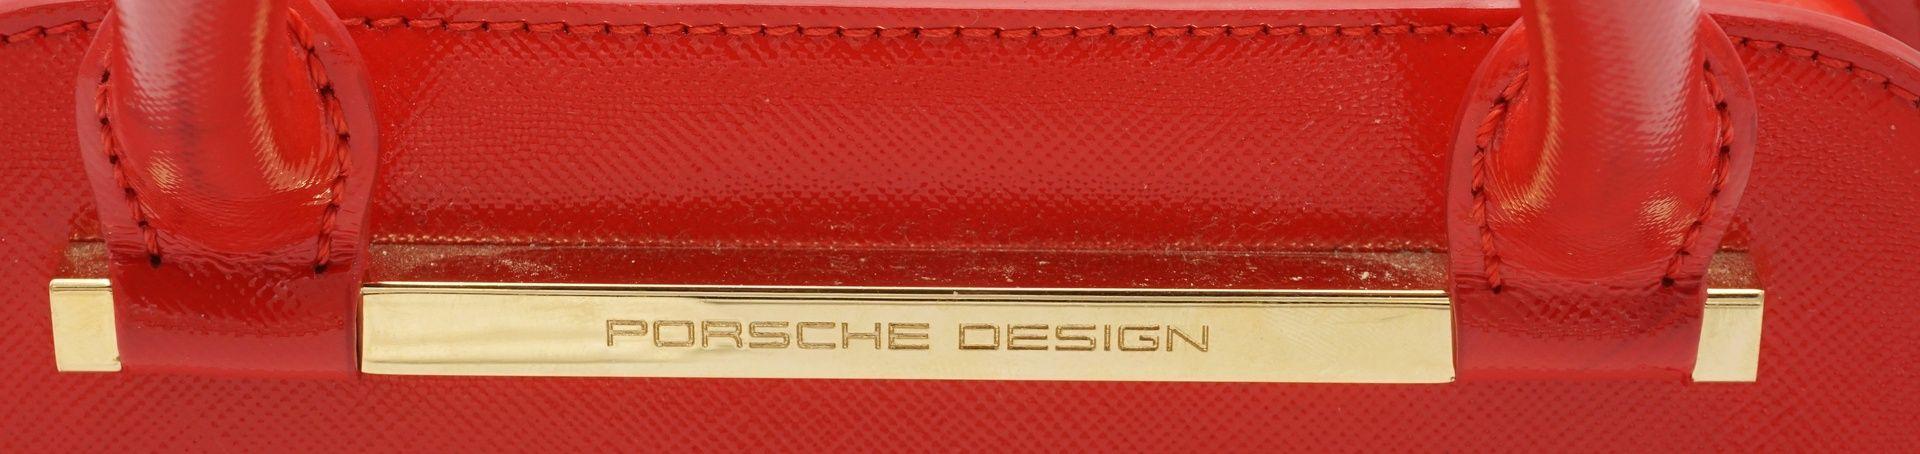 PORSCHE Design TwinBag Mini RED GOLD - Bild 9 aus 9